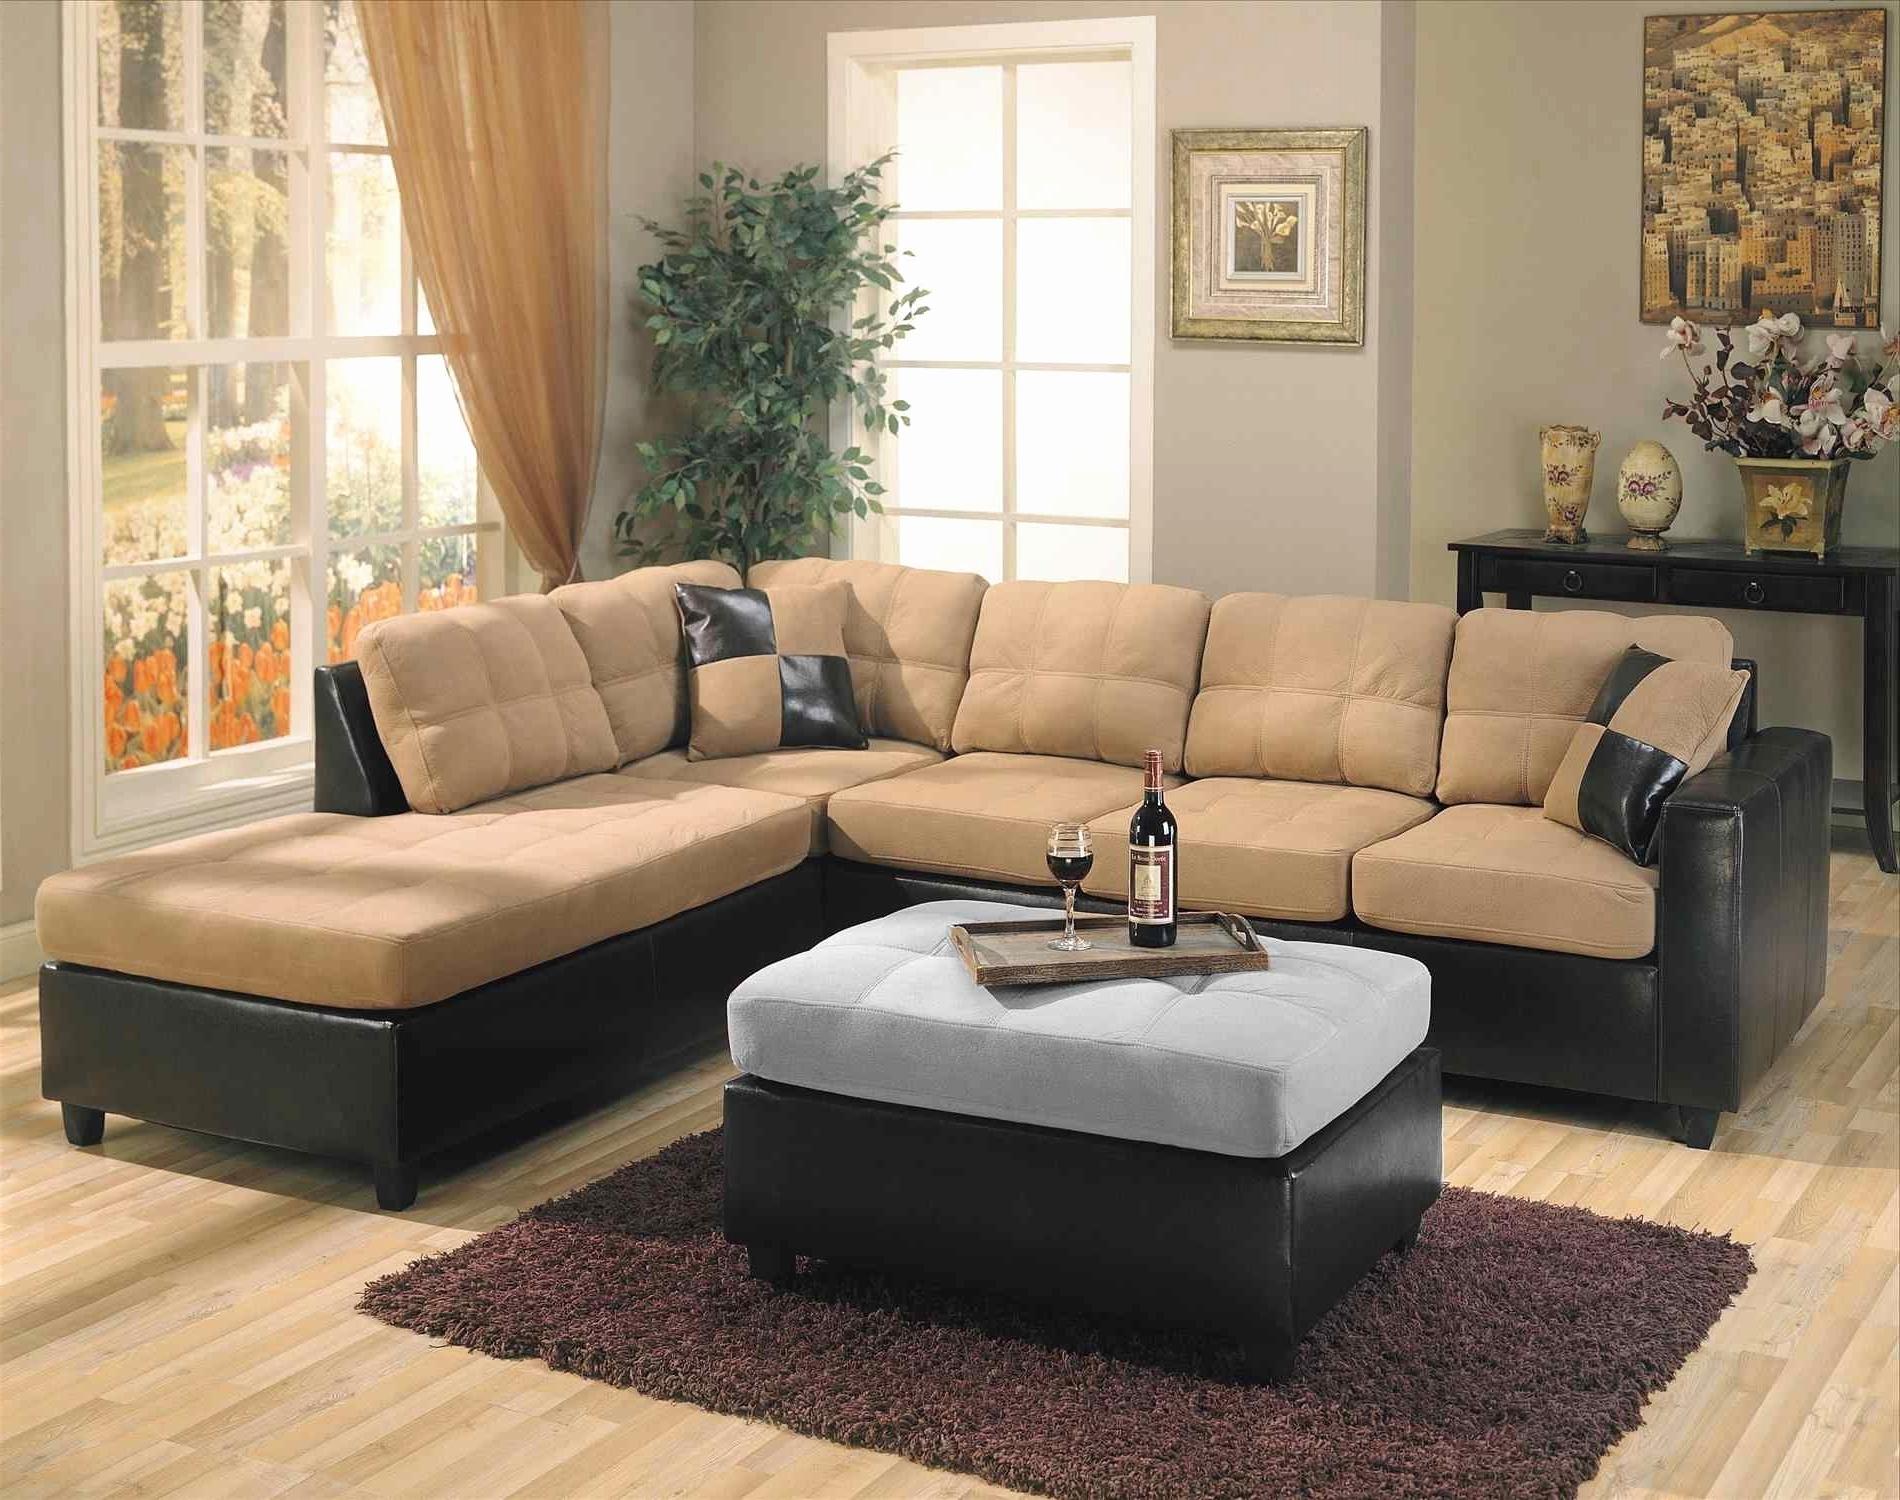 Minneapolis Sectional Sofas With Regard To Famous Sectional Sofa Minneapolis (View 13 of 20)